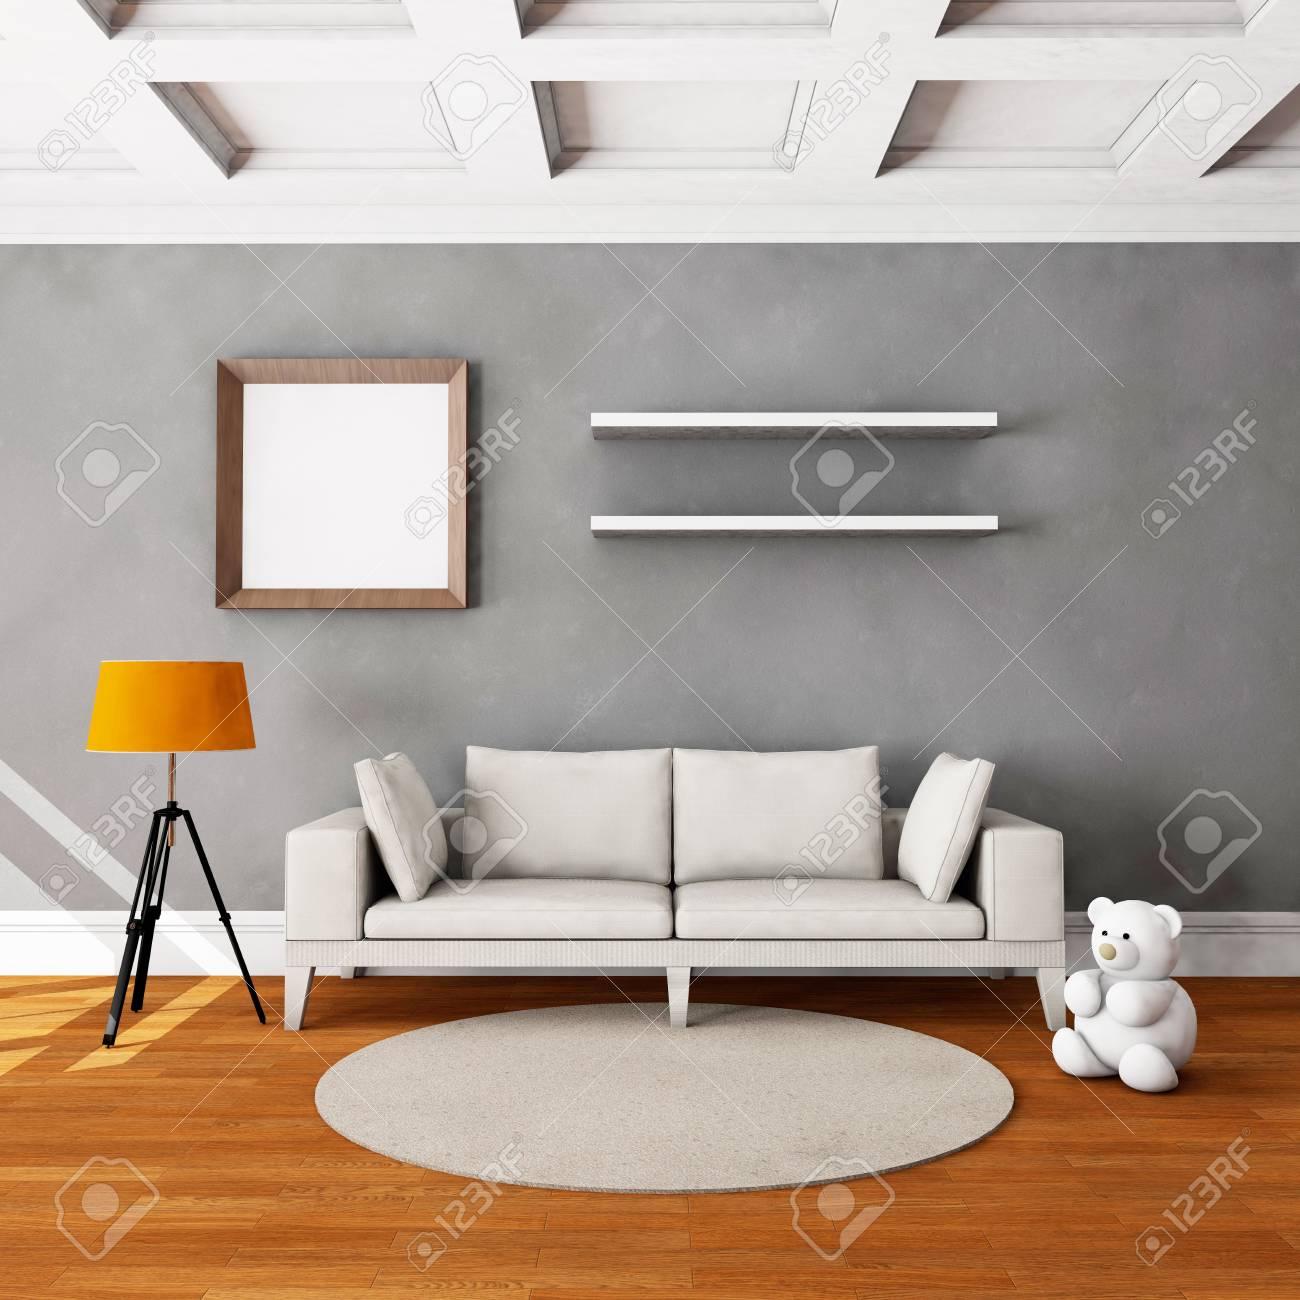 https://previews.123rf.com/images/iegorsamoilenko/iegorsamoilenko1512/iegorsamoilenko151200050/50181317-vivre-int%C3%A9rieur-de-la-chambre-avec-plancher-de-bois-franc-illustration-3d.jpg